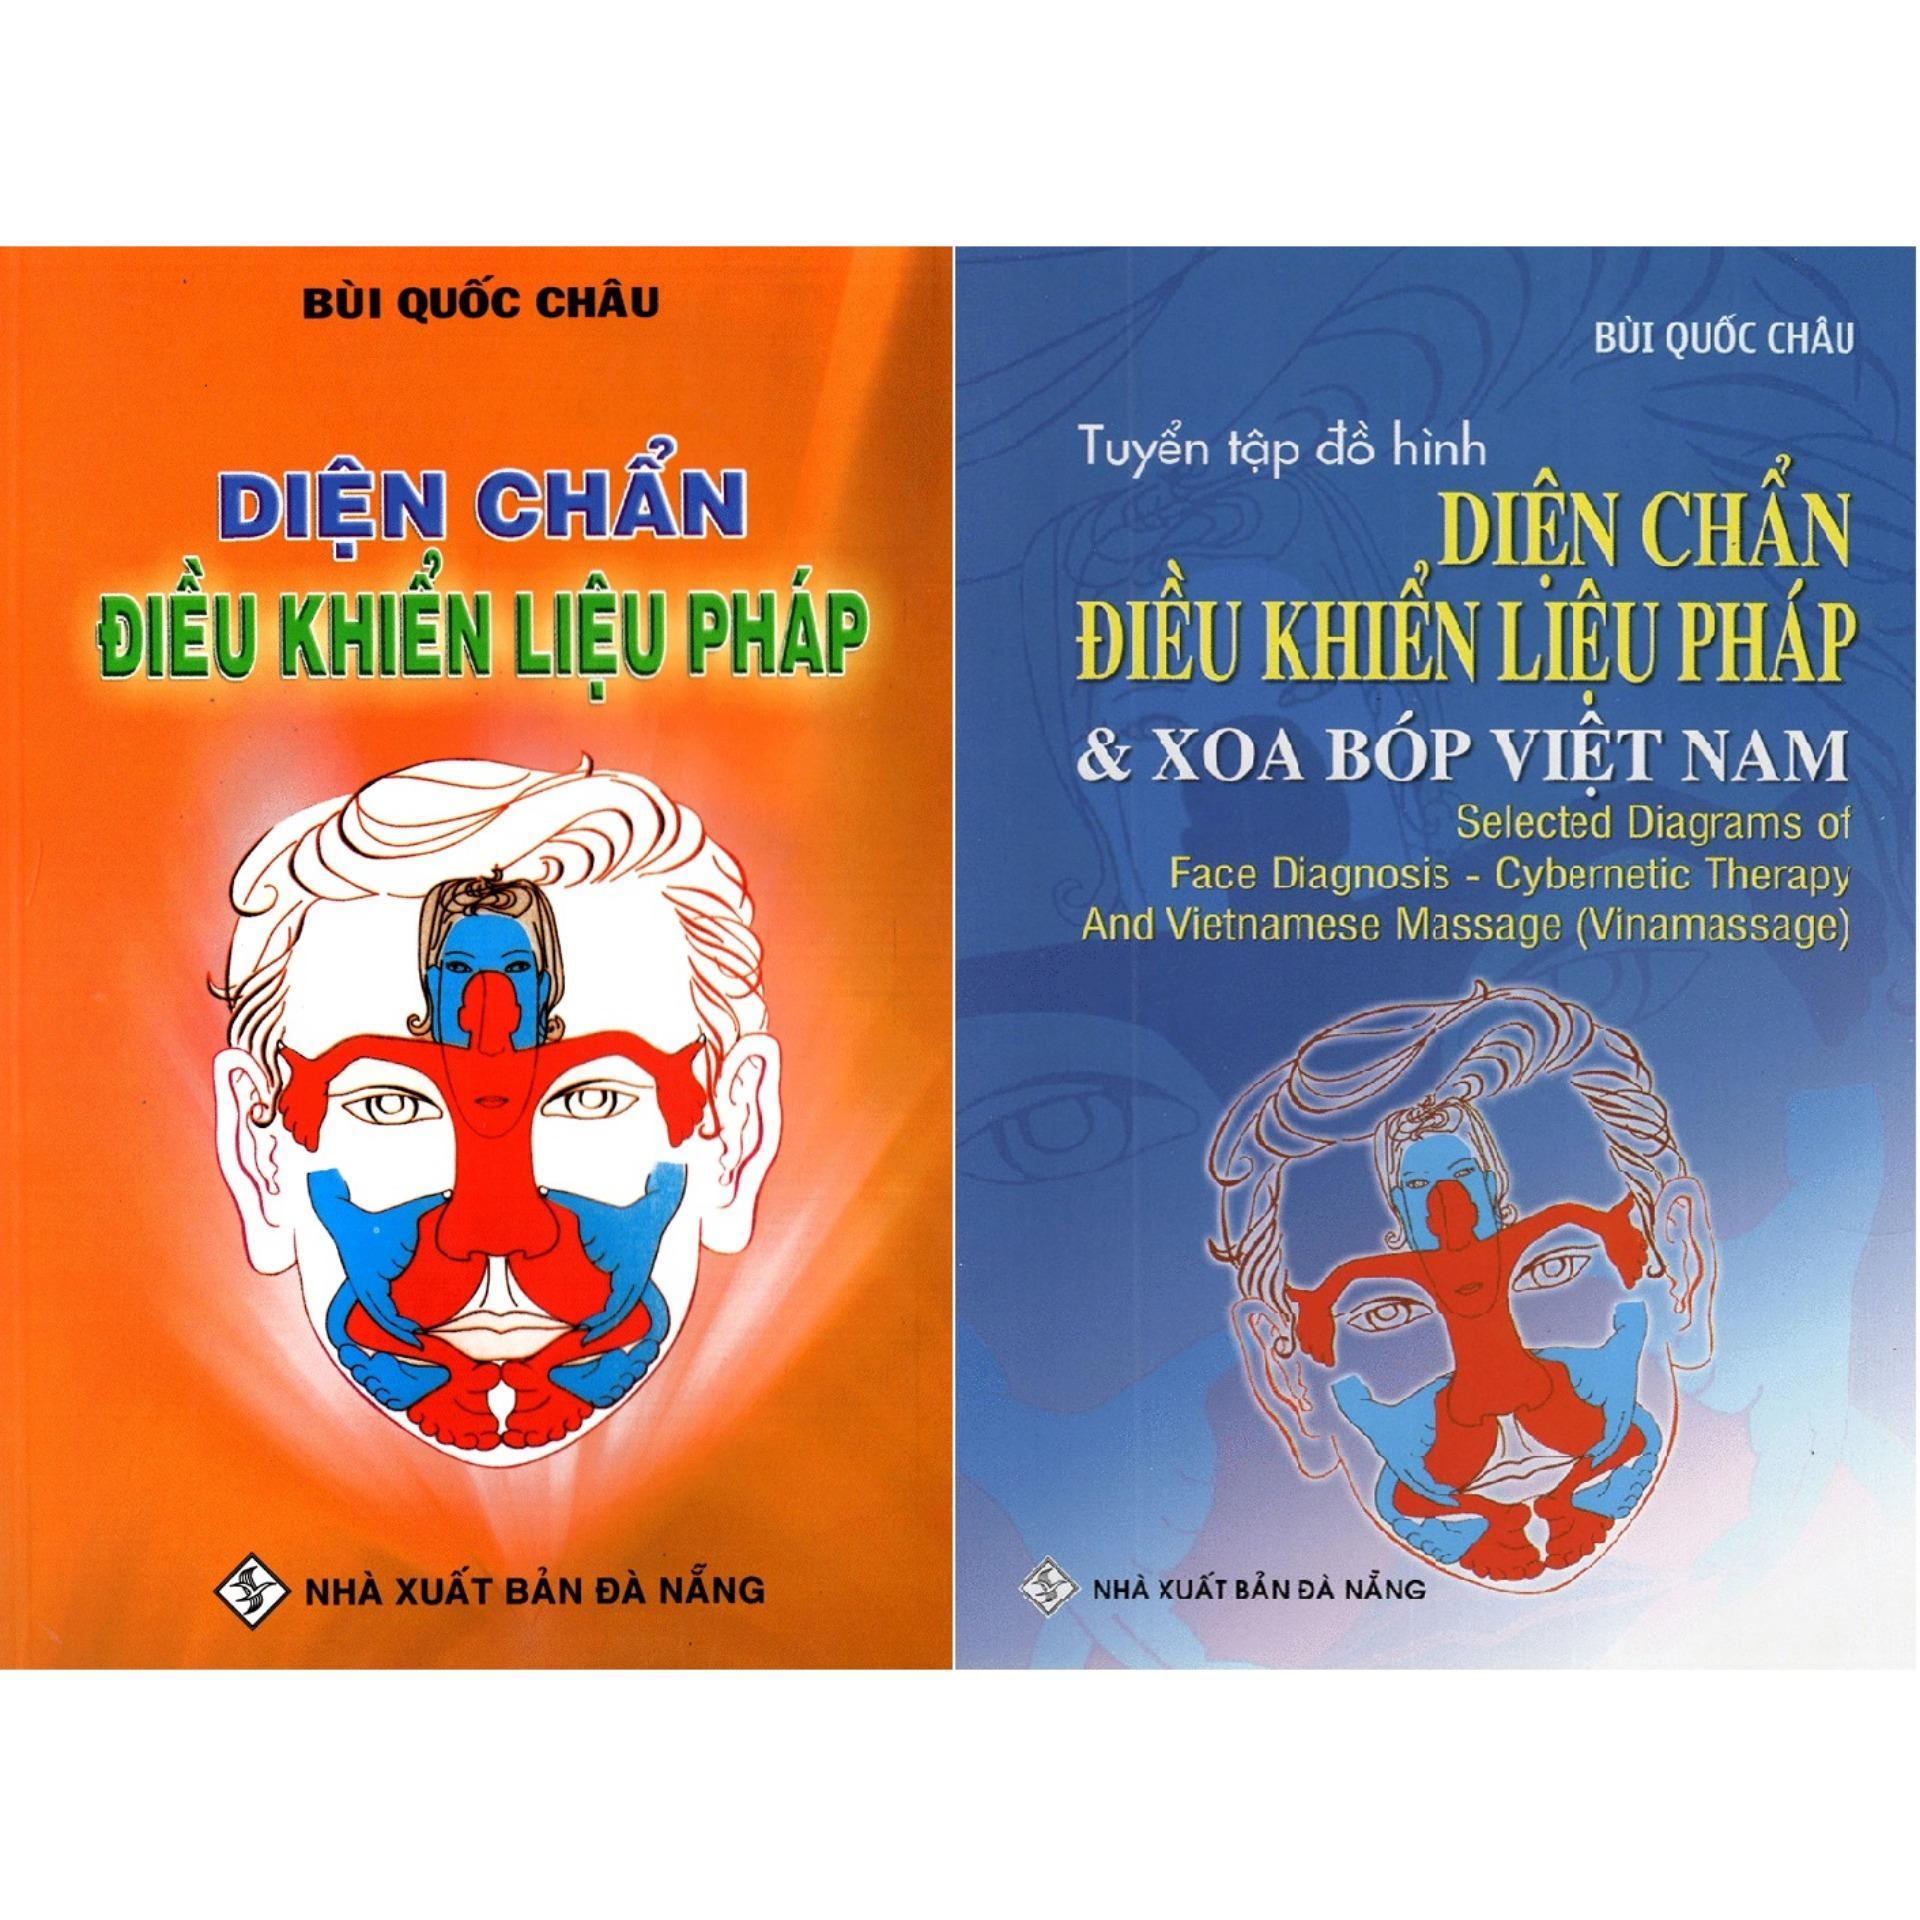 Mua Combo Diện Chẩn Điều Khiển Liệu Pháp - Tuyển Tập Đồ Hình Diện Chẩn Điều Khiển Liệu Pháp Và Xoa Bóp Việt Nam